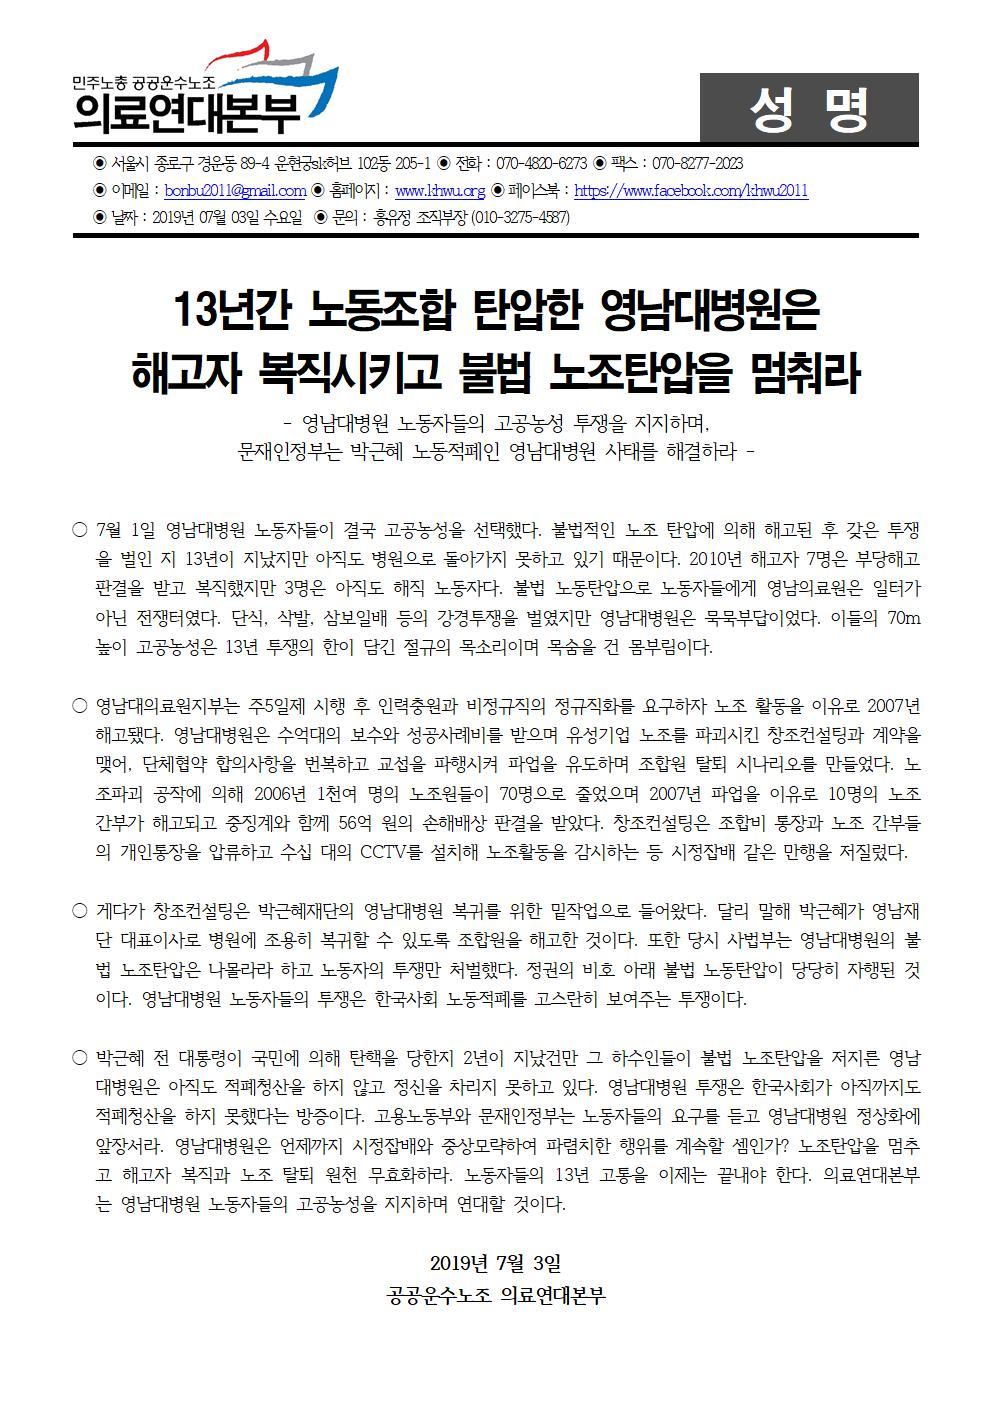 190703_지지성명_영남대병원고공농성완안001.jpg